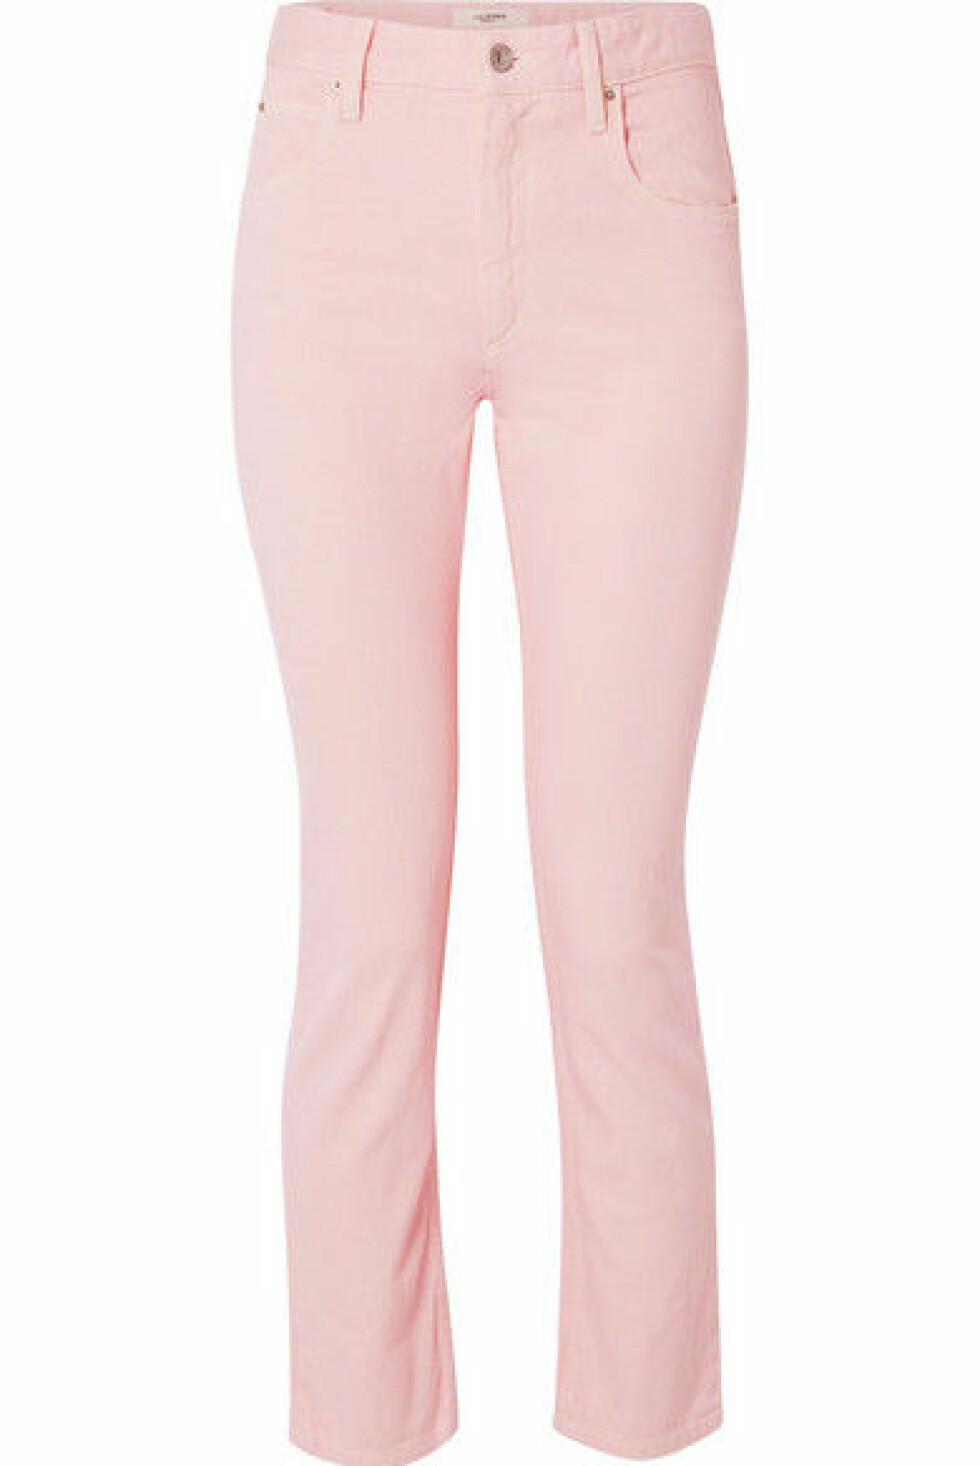 Jeans fra Isabel Marant Etoile |2178,-| https://www.net-a-porter.com/no/en/product/1060264/isabel_marant_etoile/fliff-slim-boyfriend-jeans